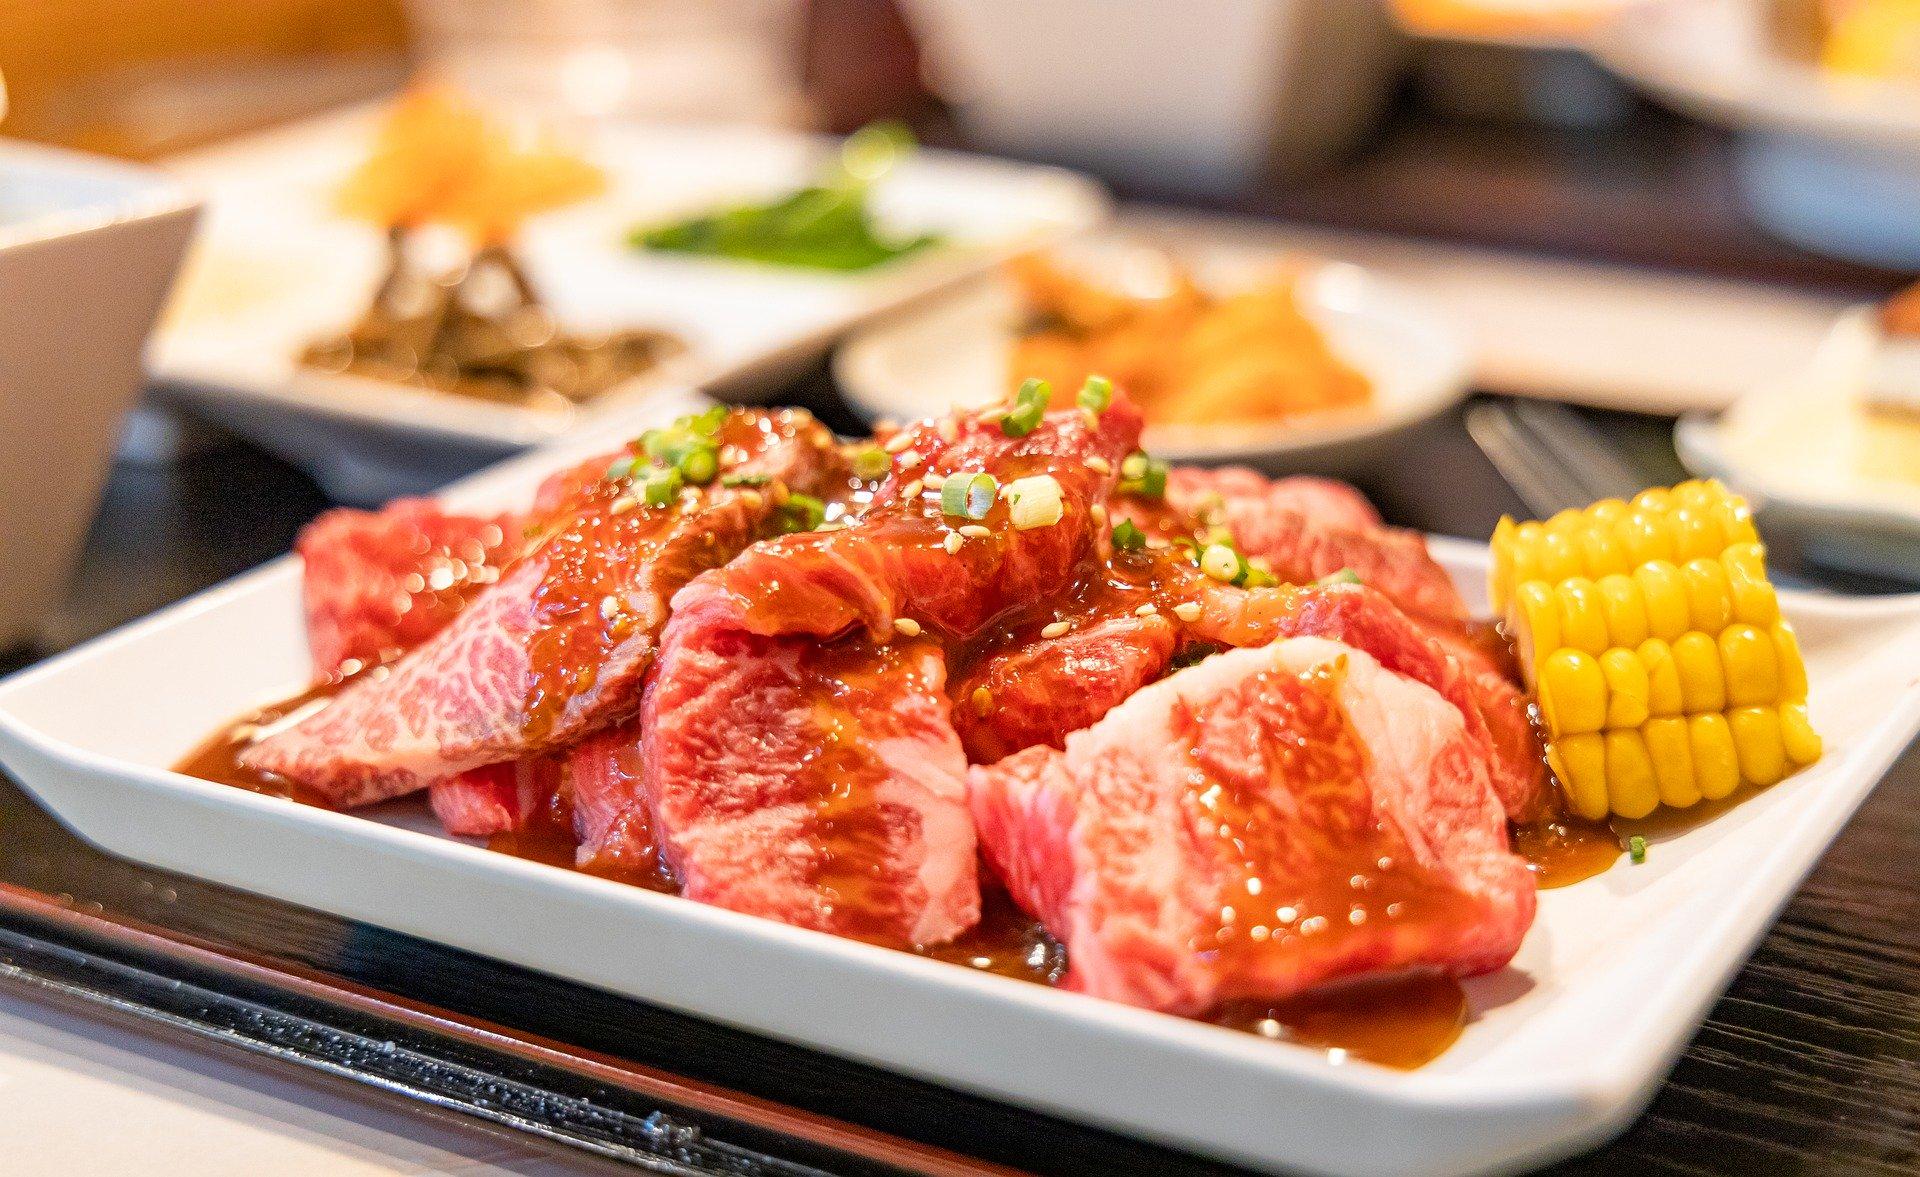 帯広の平和園は人気の焼肉屋!ジンギスカンなどおすすめメニューも紹介!